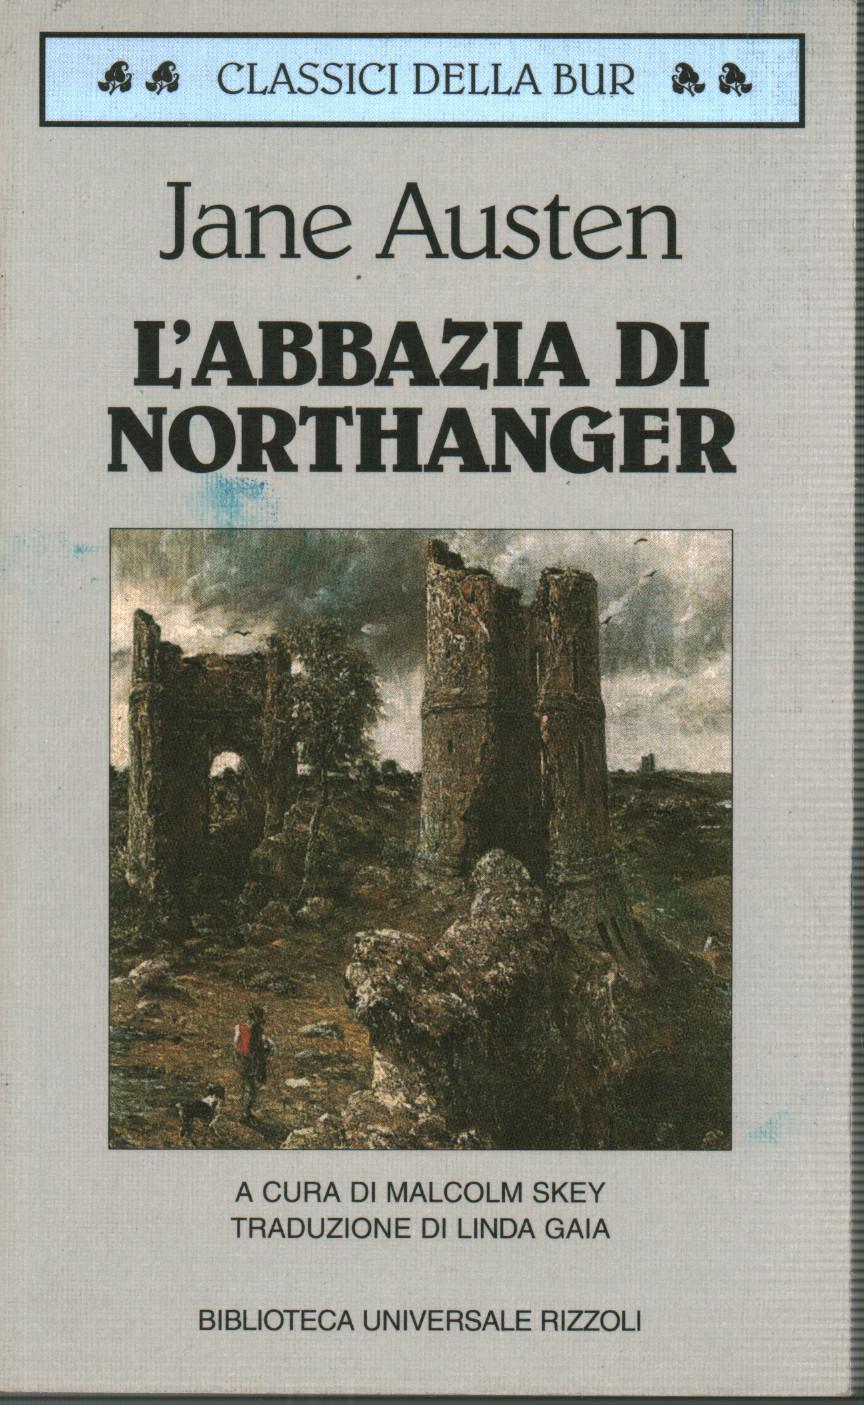 L'abbazia di Northanger - Jane Austen - Narrativa Classica Straniera -  Narrativa - Libreria - dimanoinmano.it